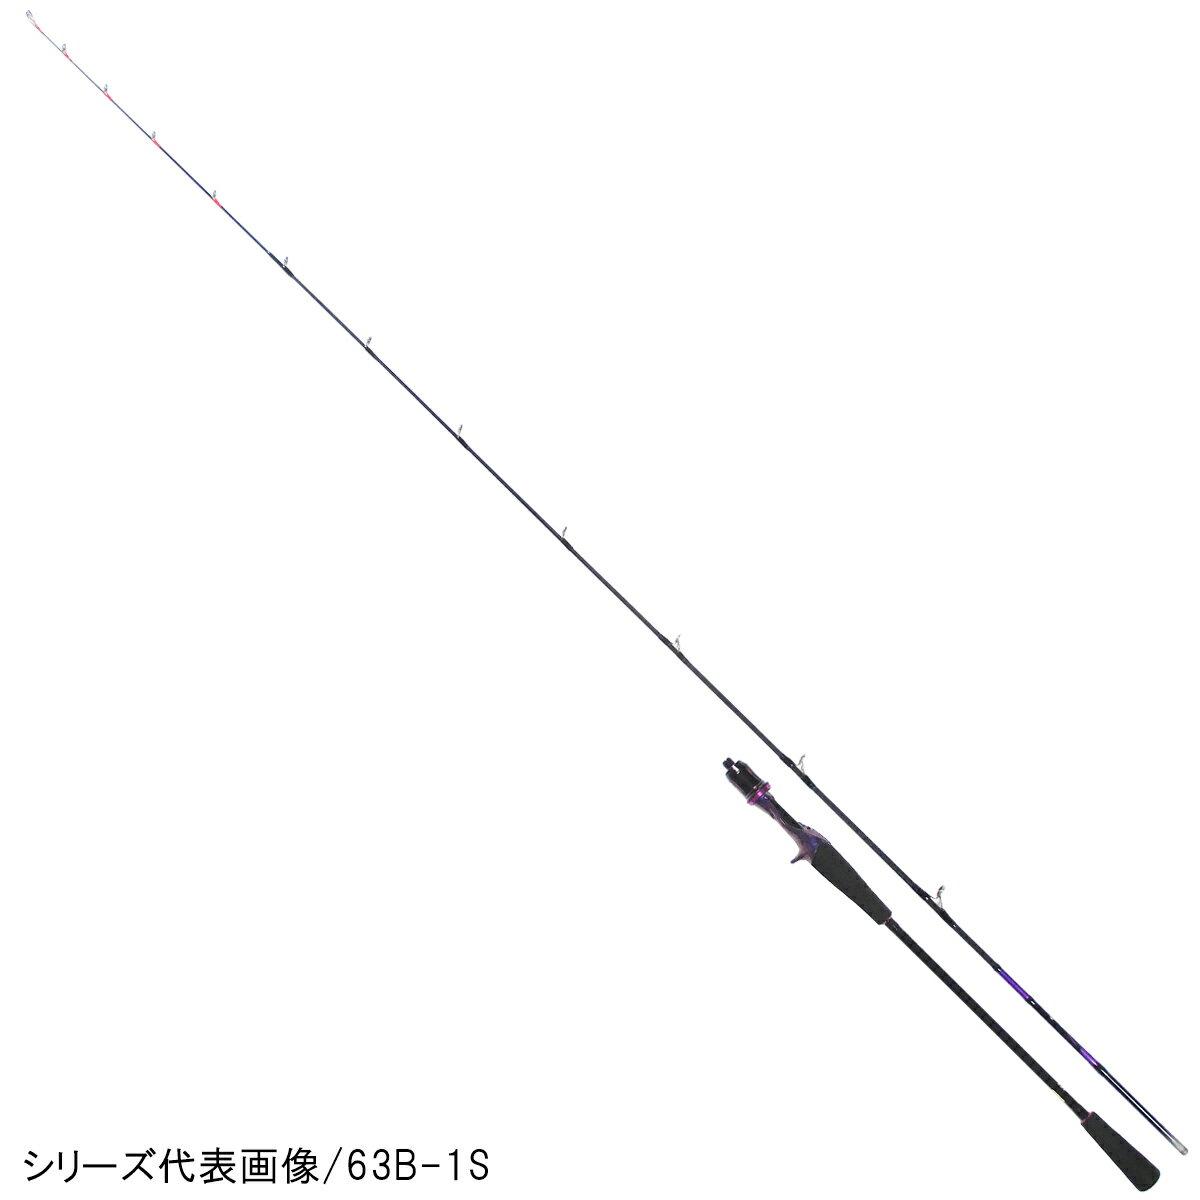 ダイワ 鏡牙 AIR 63B-3S